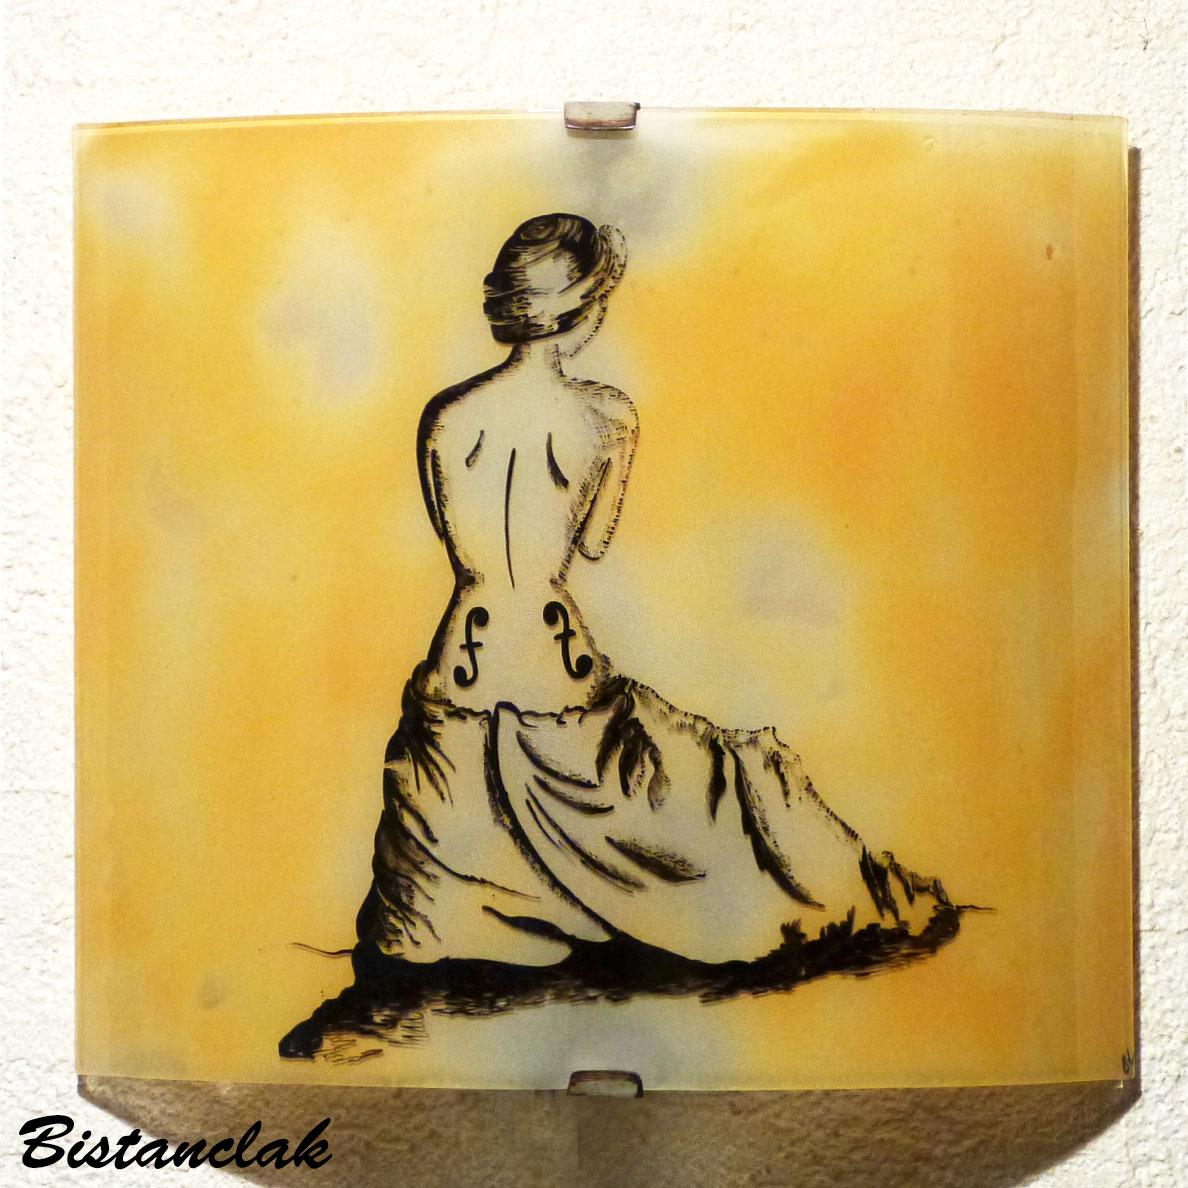 Applique demi cylindre jaune moisson au dessin de la femme violon inspire de man ray une creation artisanale francaise